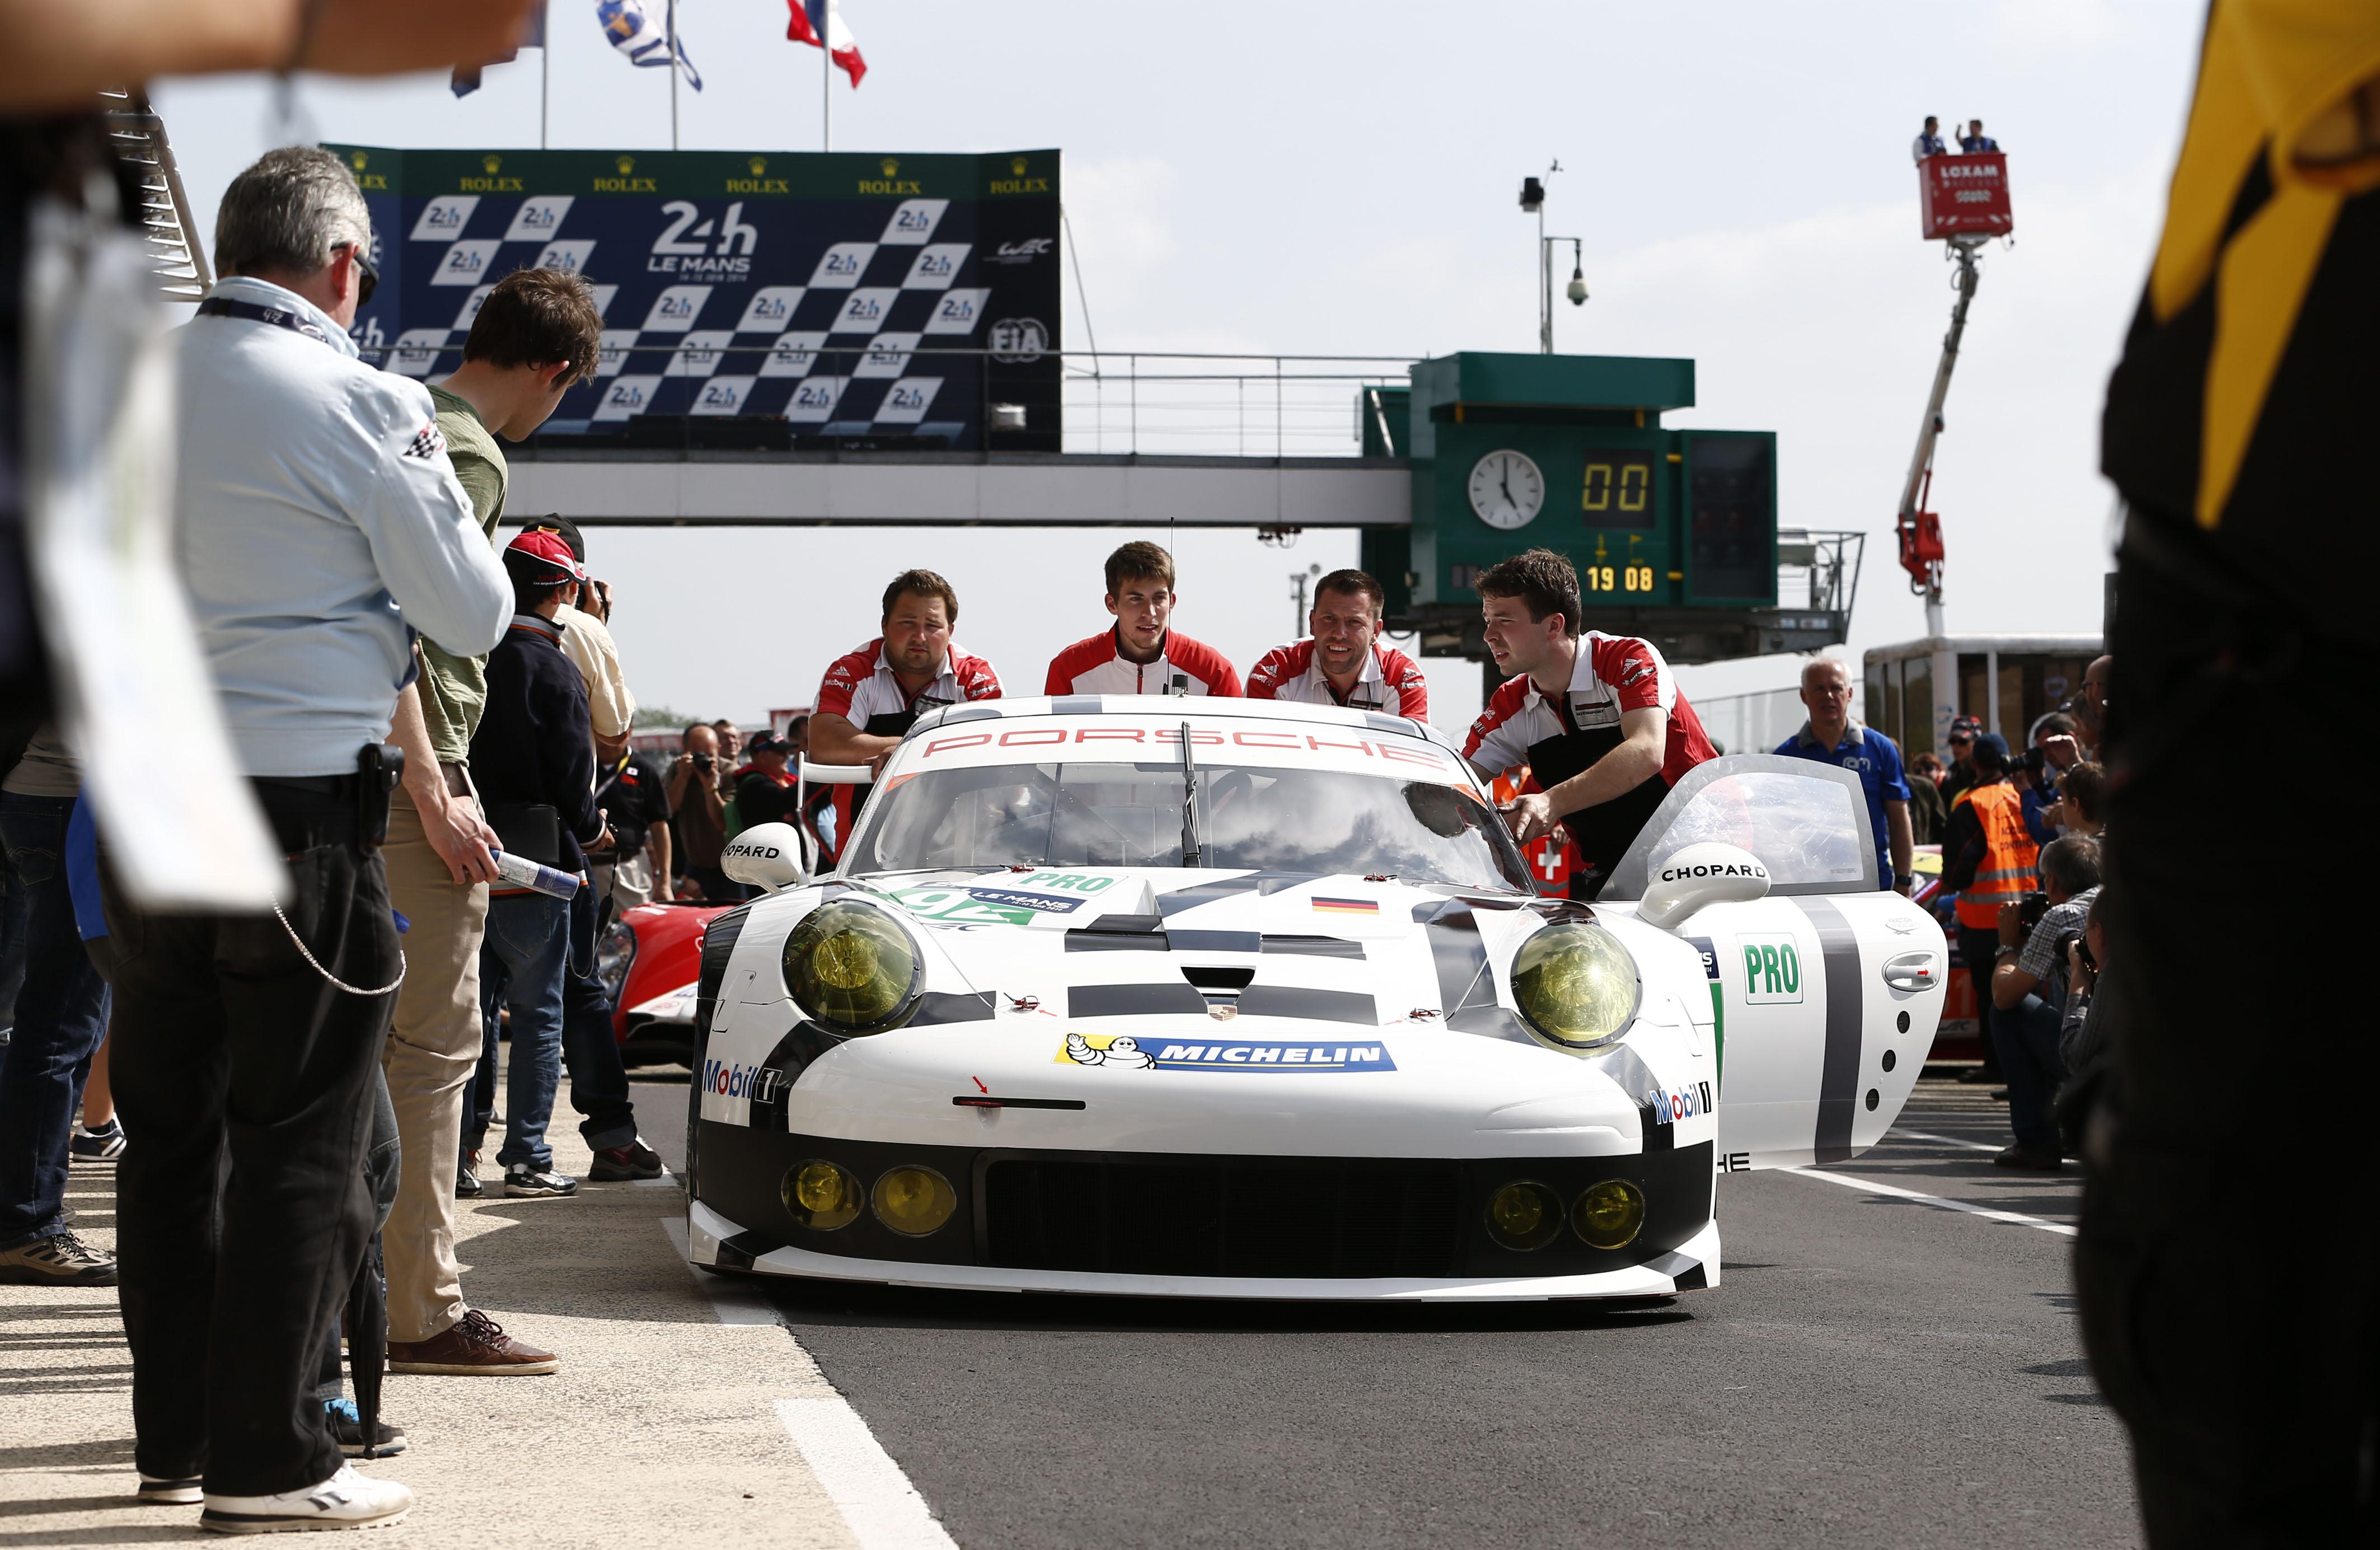 Porsche Teams Conduct Successful Le Mans Test Sports Car